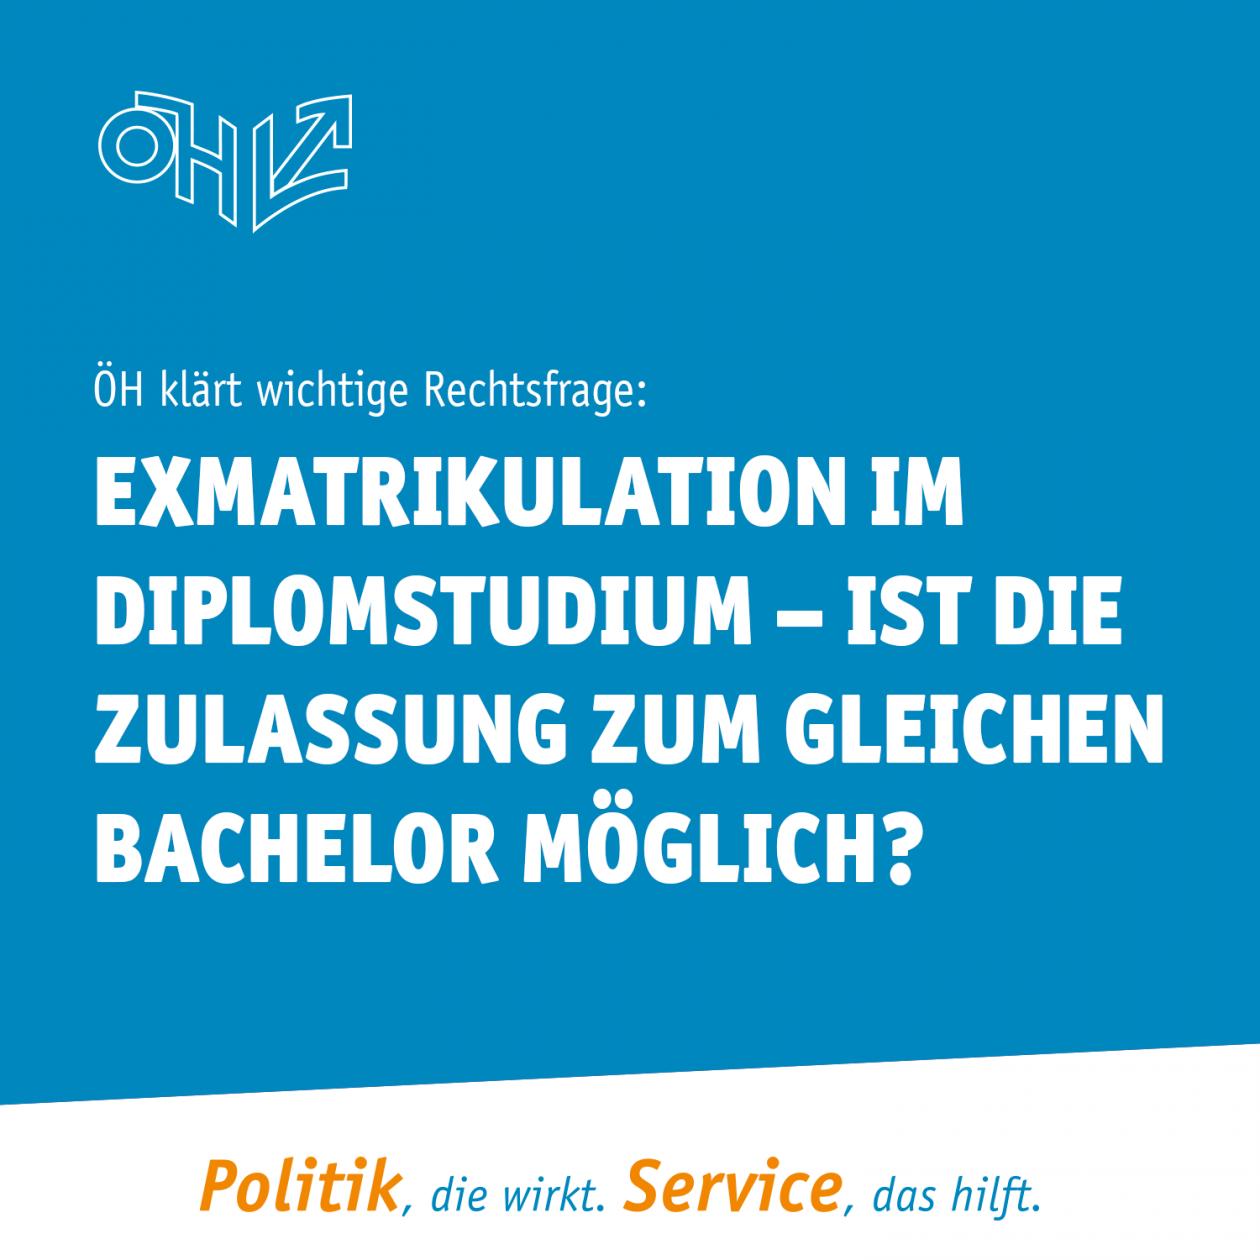 Exmatrikulation im Diplomstudium – ist die Zulassung zum gleichen Bachelor möglich?